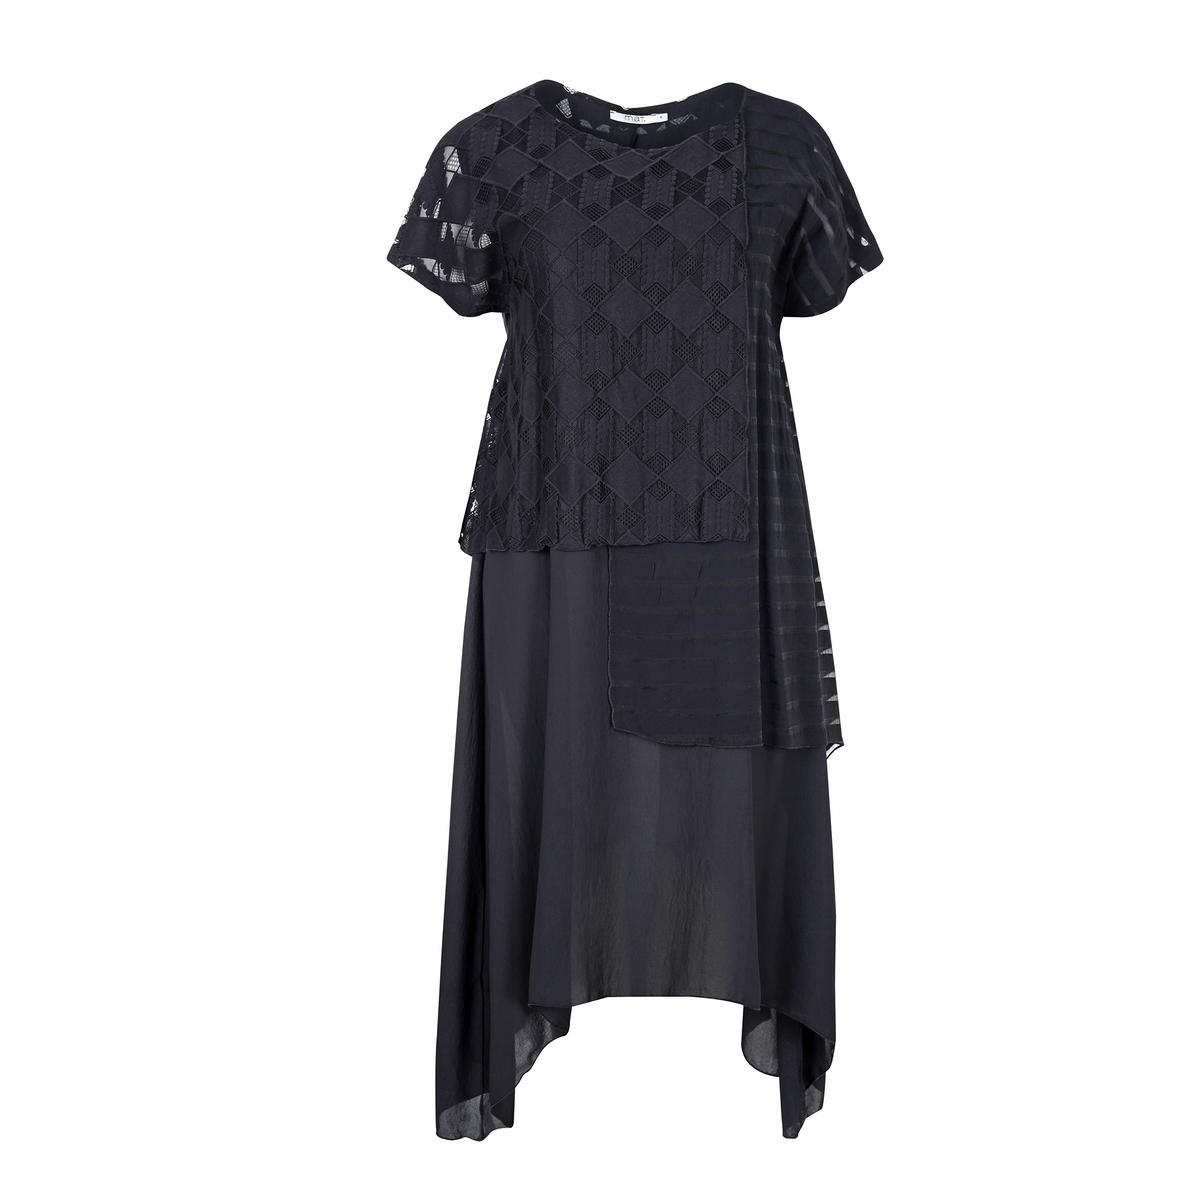 ПлатьеПлатье MAT FASHION. Струящийся покрой с наложением тонких тканей в стиле пэчворк. Короткие рукава. Закругленный вырез  . 100% полиэстер<br><br>Цвет: черный<br>Размер: 44/46 (FR) - 50/52 (RUS)